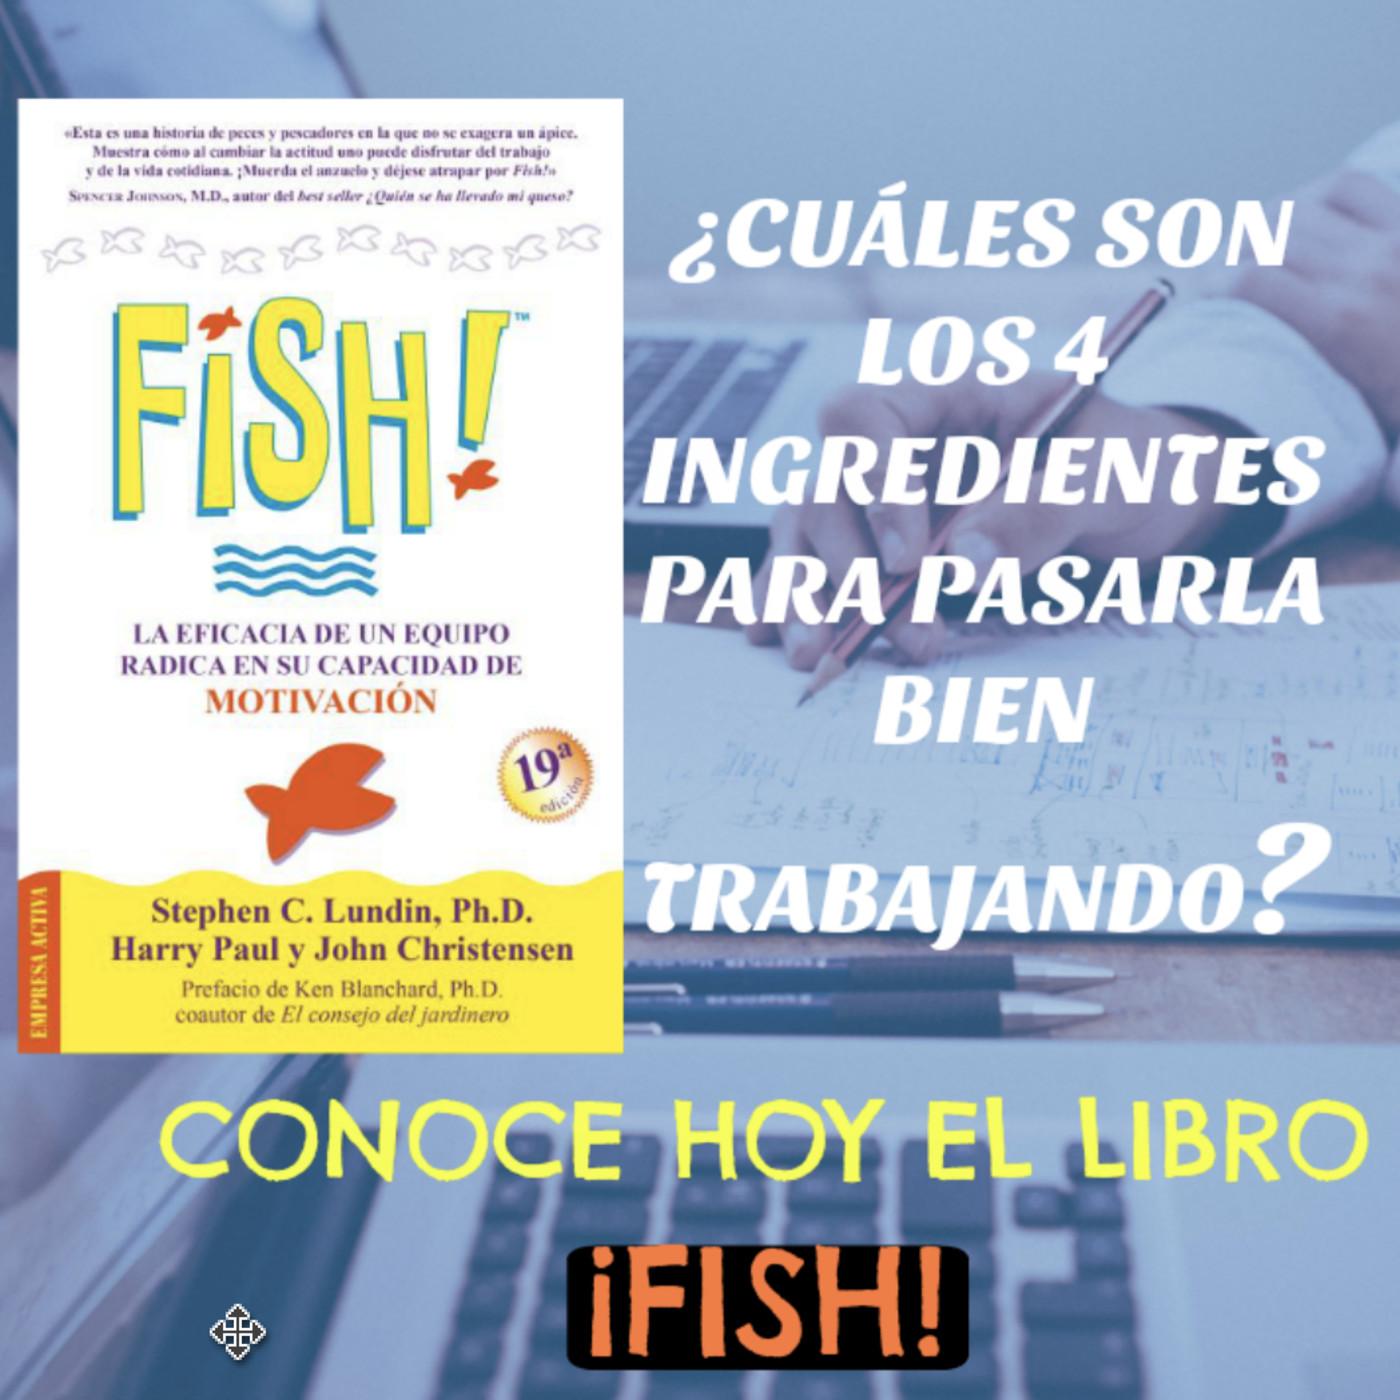 ƒquieres Saber La Historia De Fish En Emigrante Exitoso En